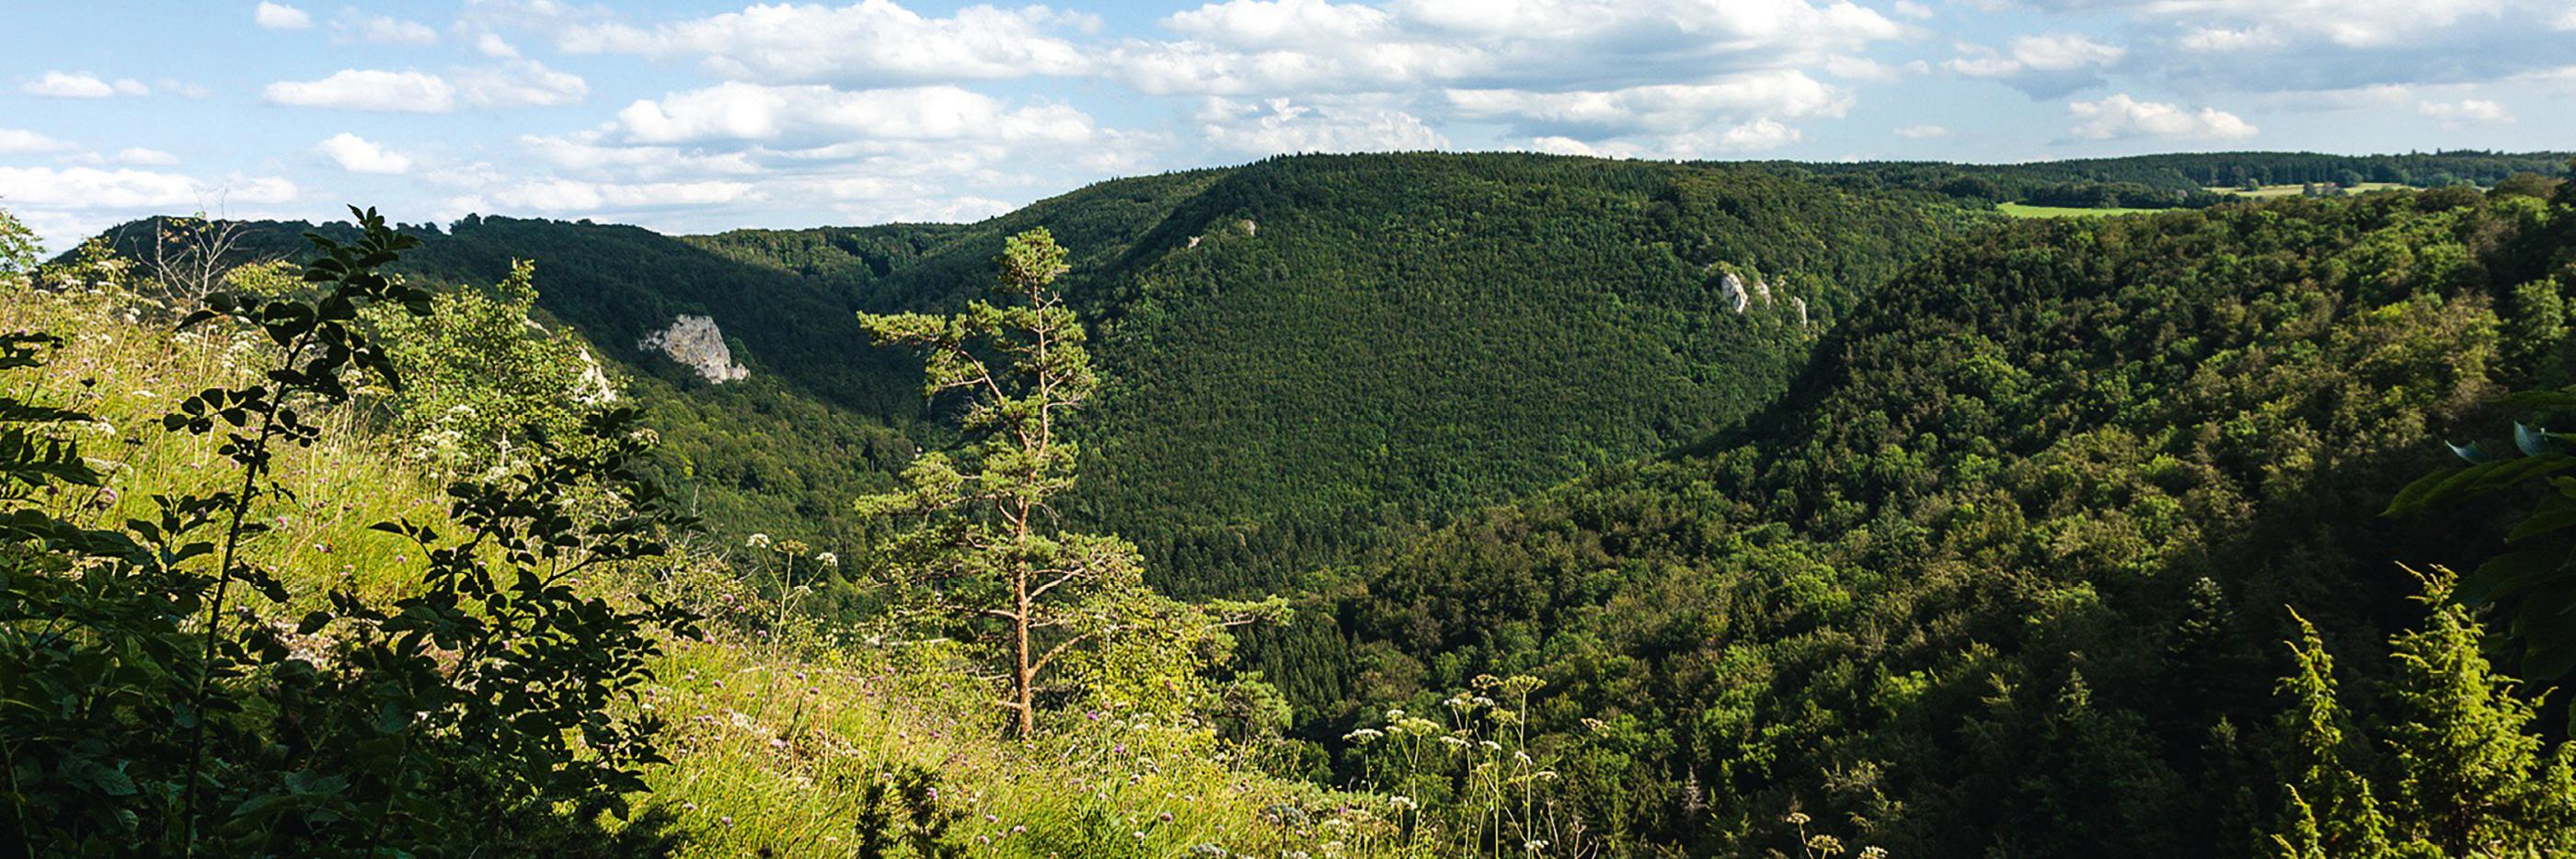 mey® Landschaftsbild von der Schwäbischen Alb im Sommer, grüne Wiese mit Baum und Büschen im Vordergrund, bewaldete Hänge im Hintergrund